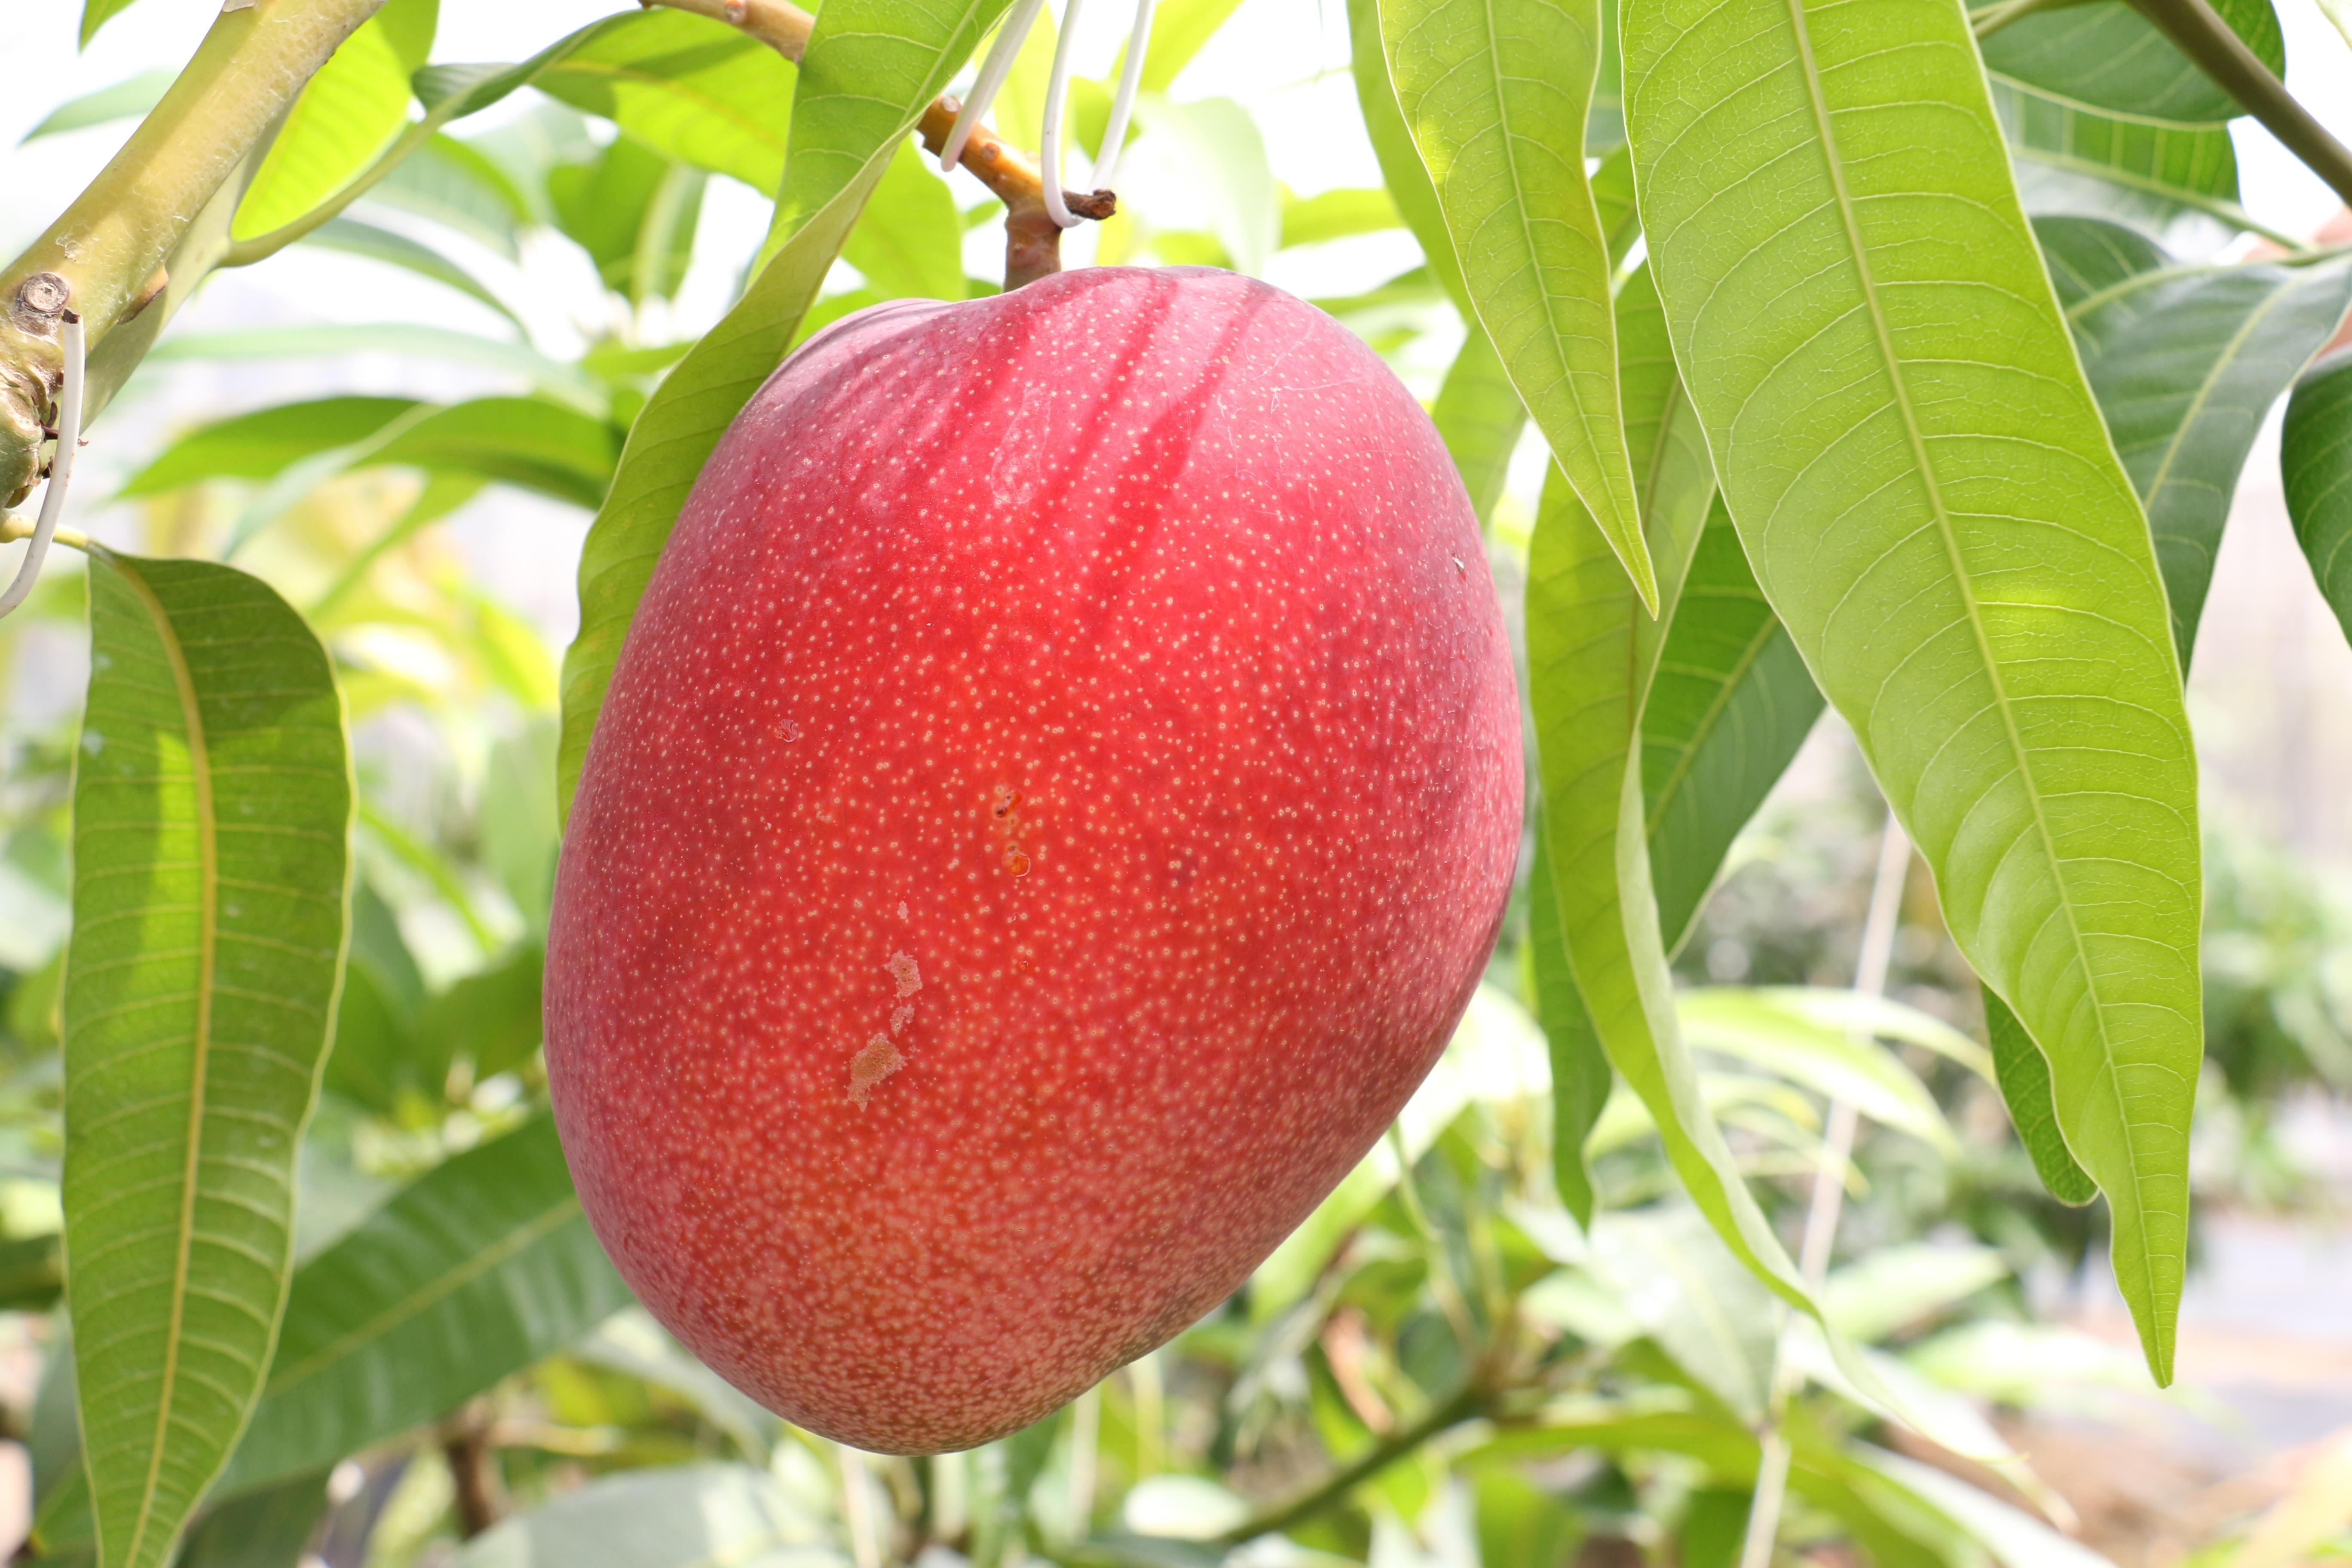 マンゴーの葉に皮膚の老化防止作用を発見 廃棄されているマンゴーの葉の有効活用に期待 -- 近畿大学